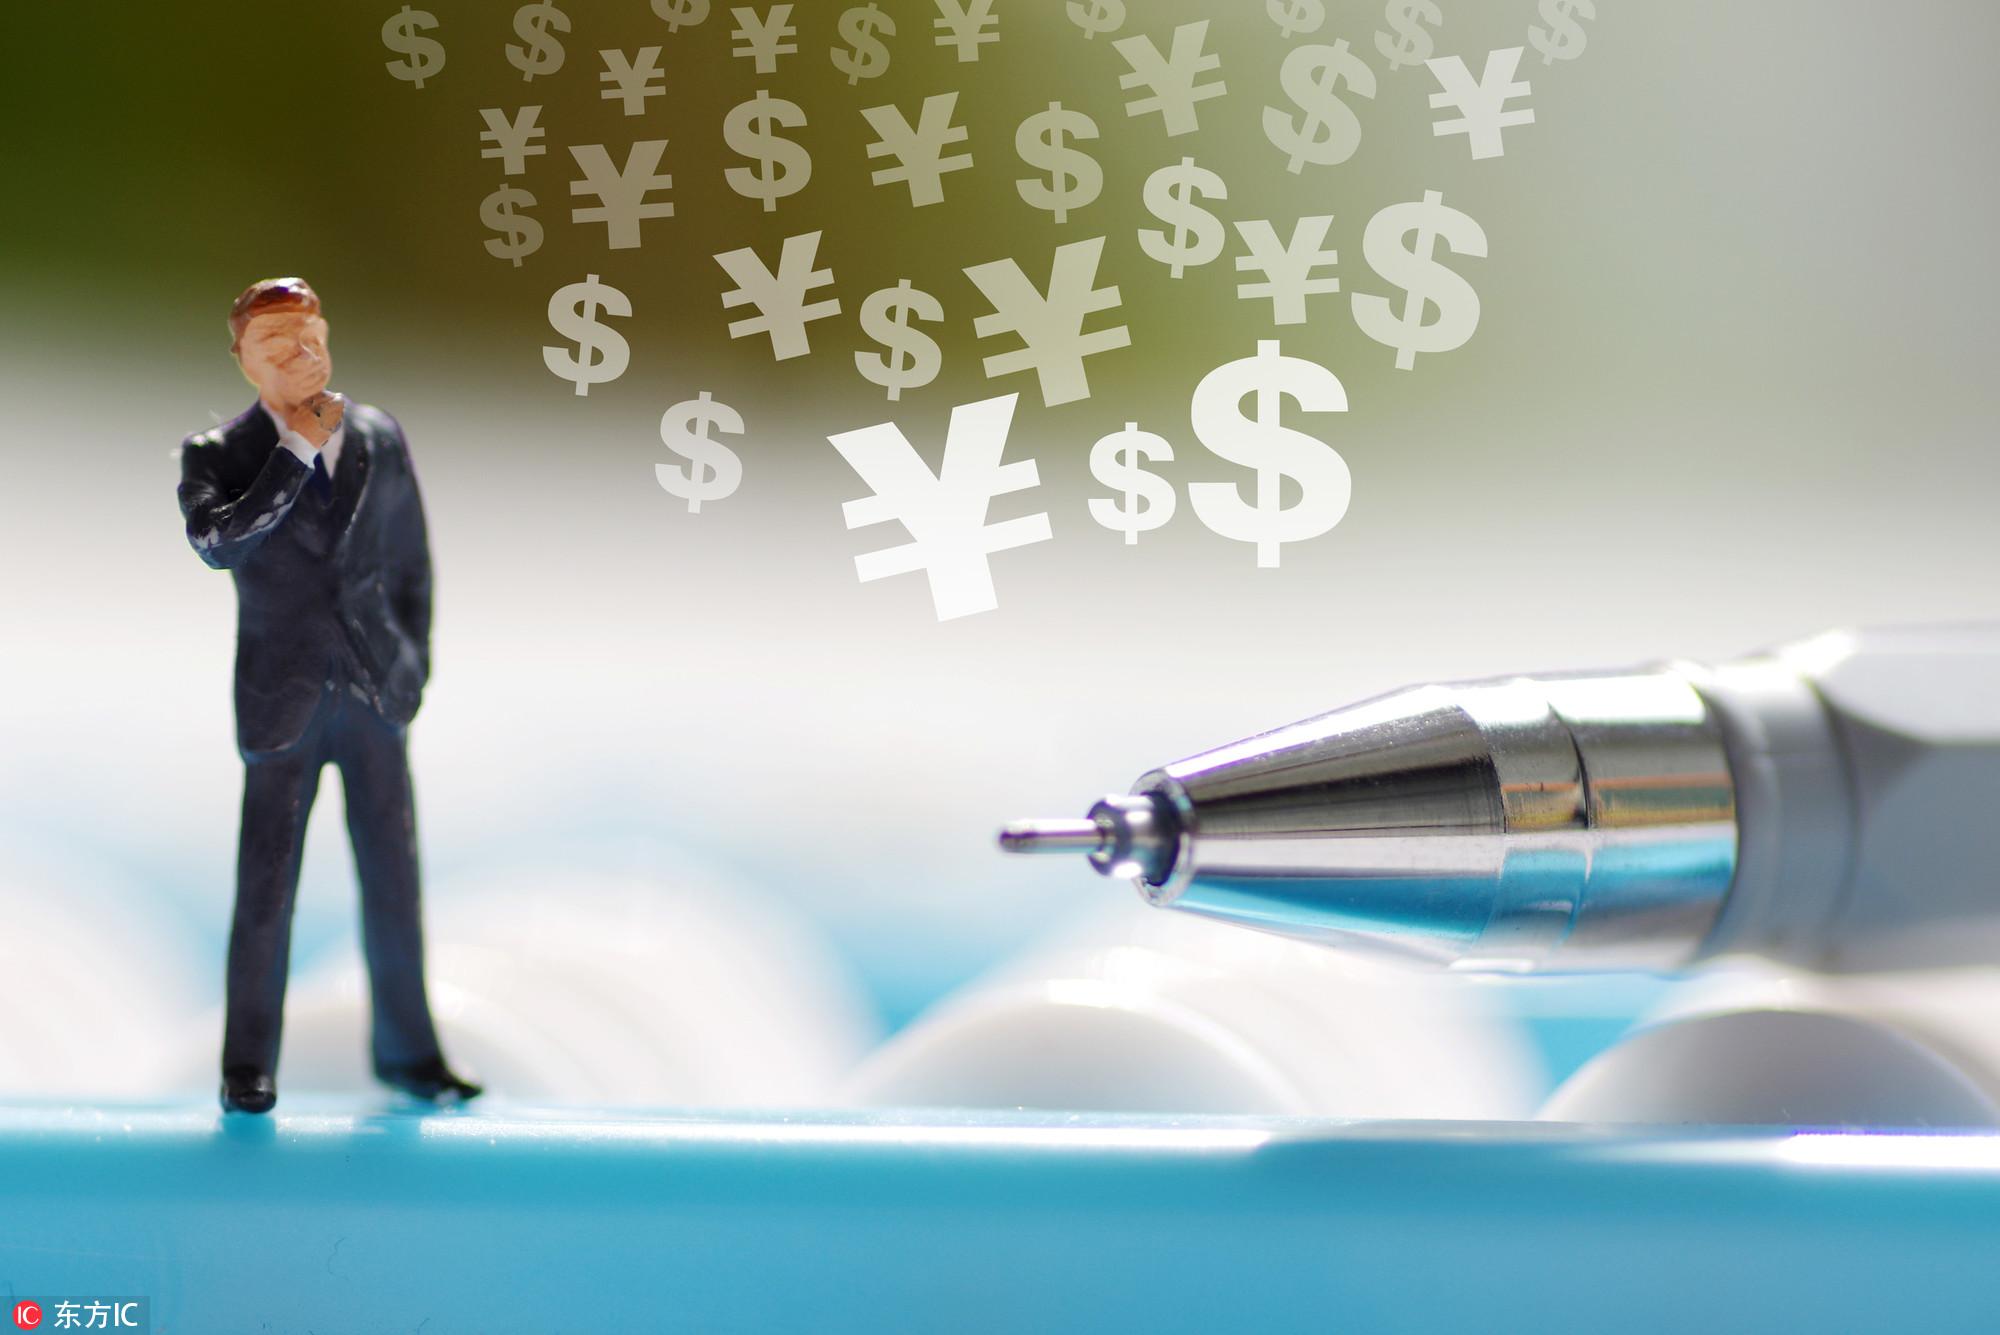 华尔街老司机写给雷军、王兴和黄峥们的一封信:行业身处结构性漩涡时,该如何与投资者沟通?